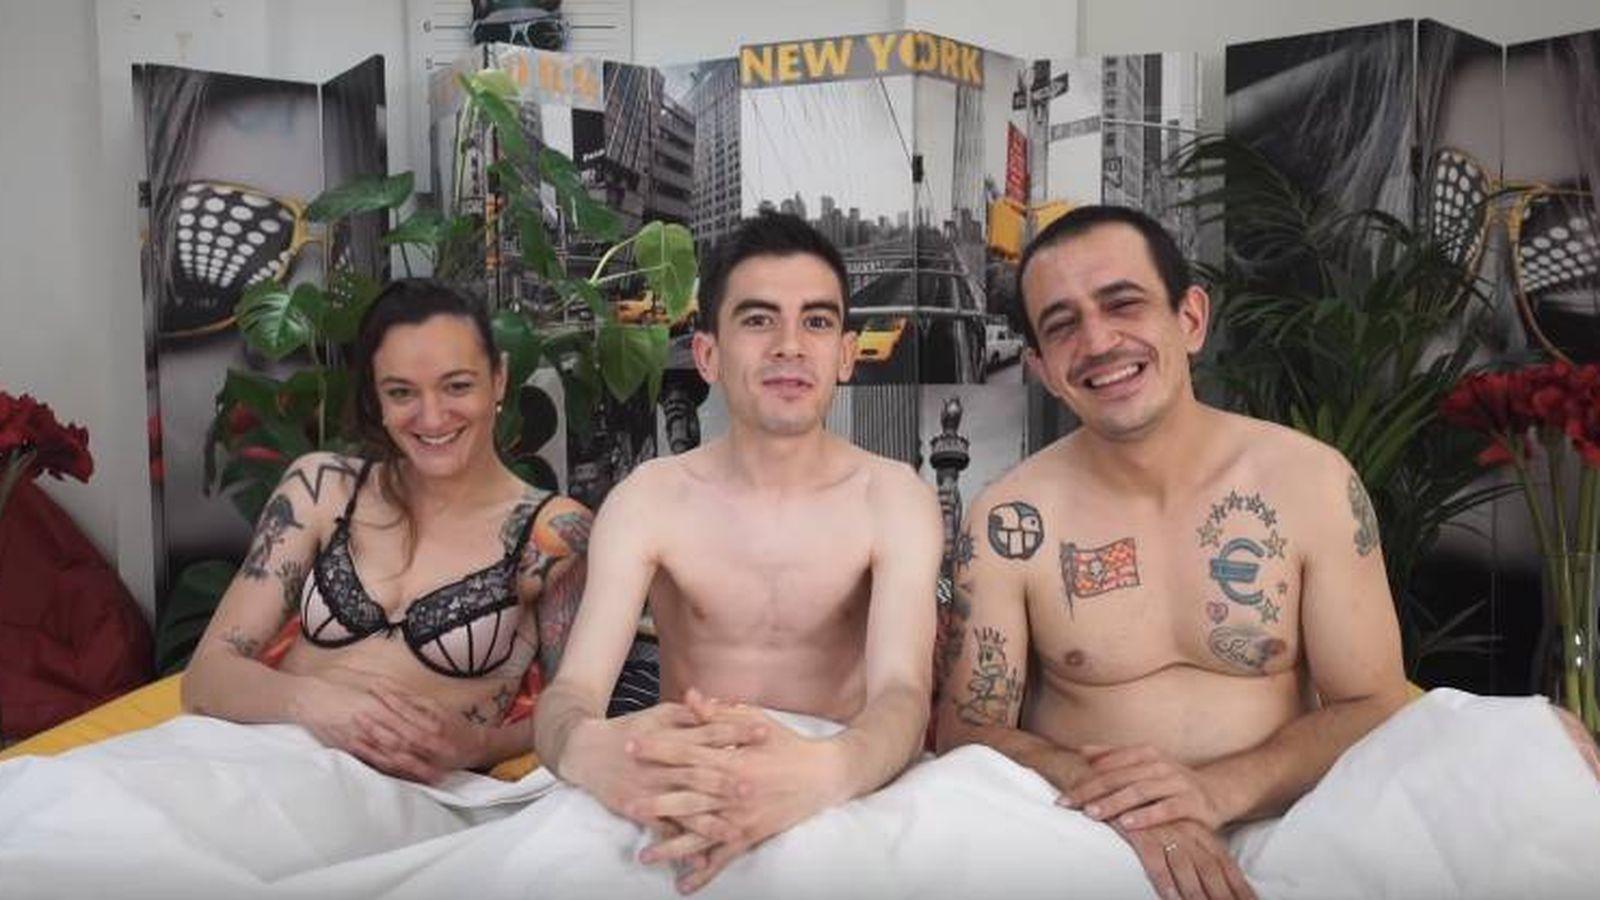 Actores Porno Jiovenes 100 el mejor fotos actores porno españoles jovenes   feight